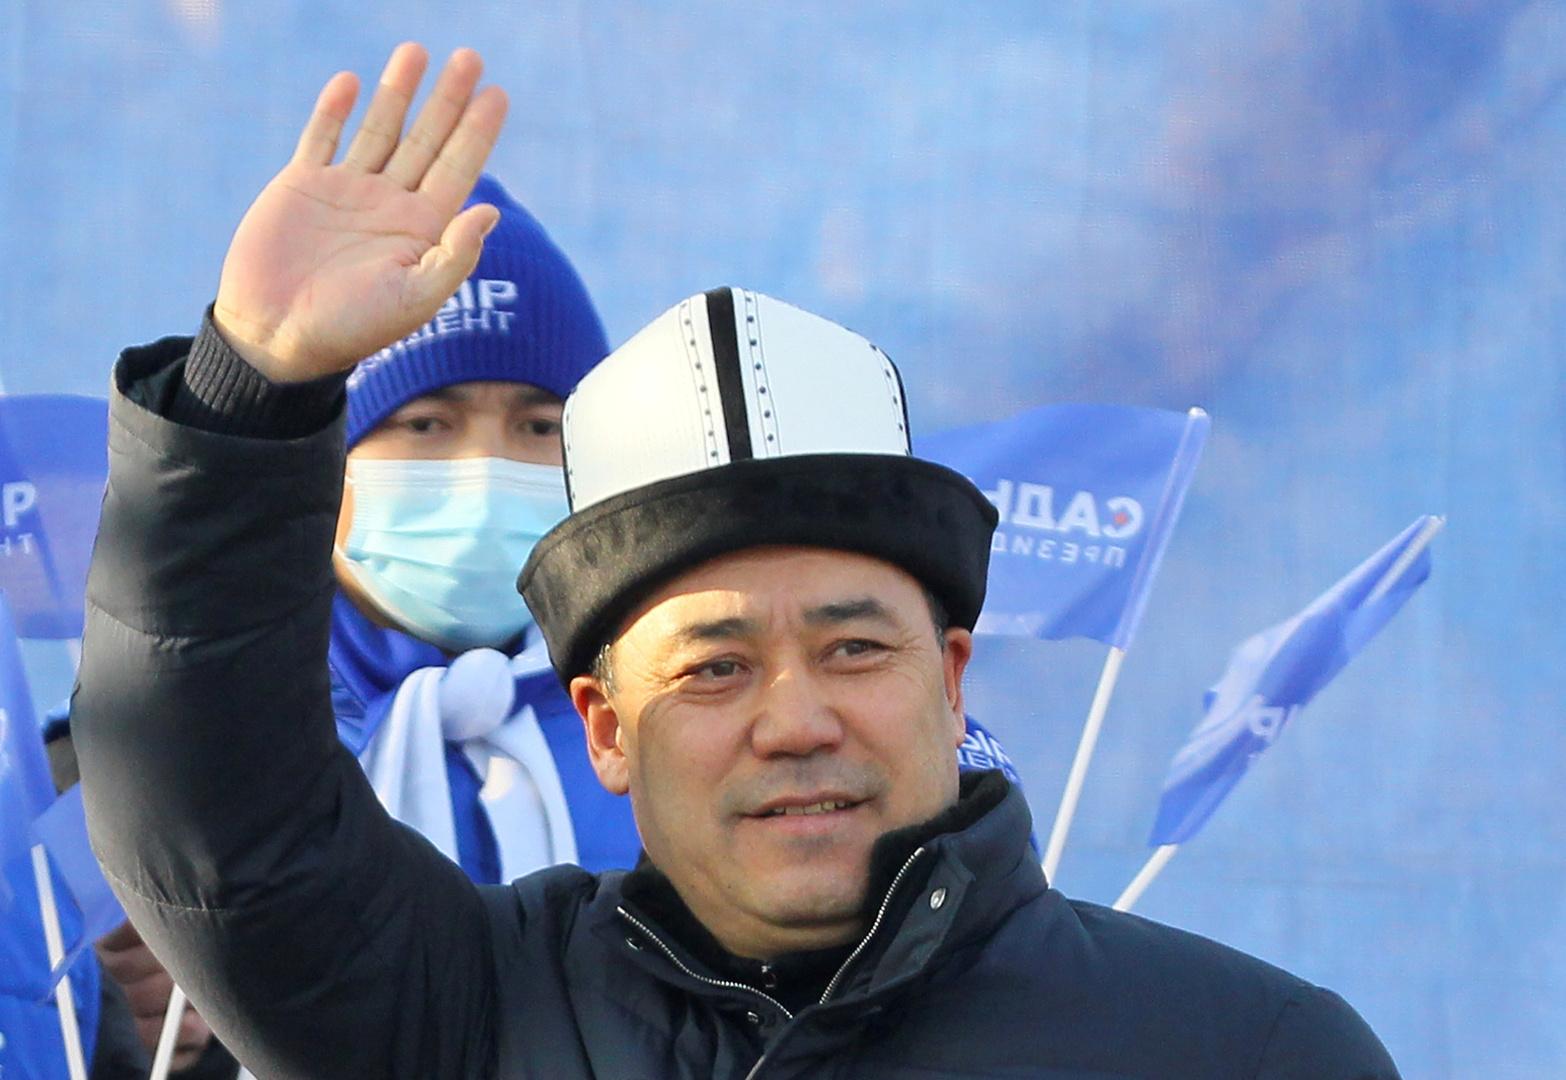 الفائز بالانتخابات الرئاسية في قرغيزستان يعد بفرض